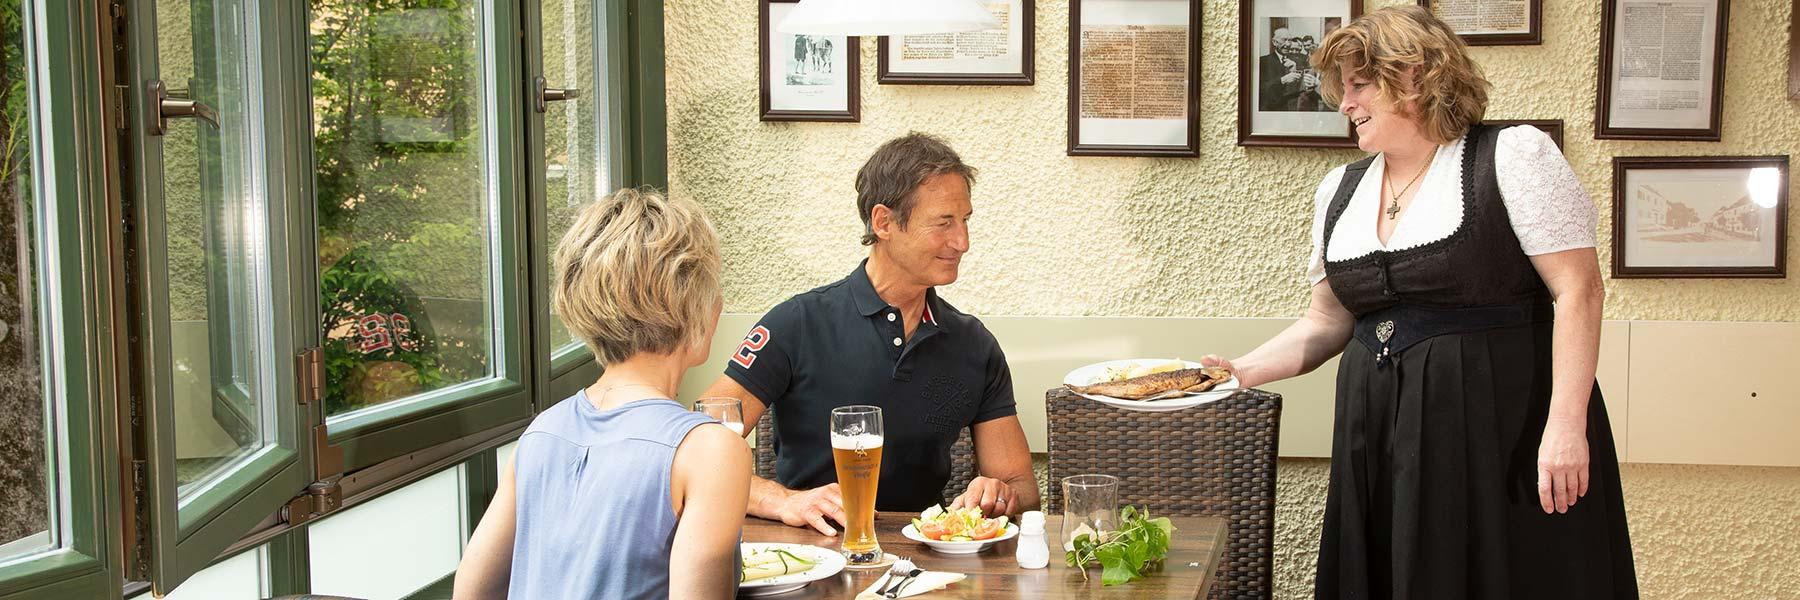 Weißbräu-Wirtin Lisa Putz serviert Gästen ein Fischgericht